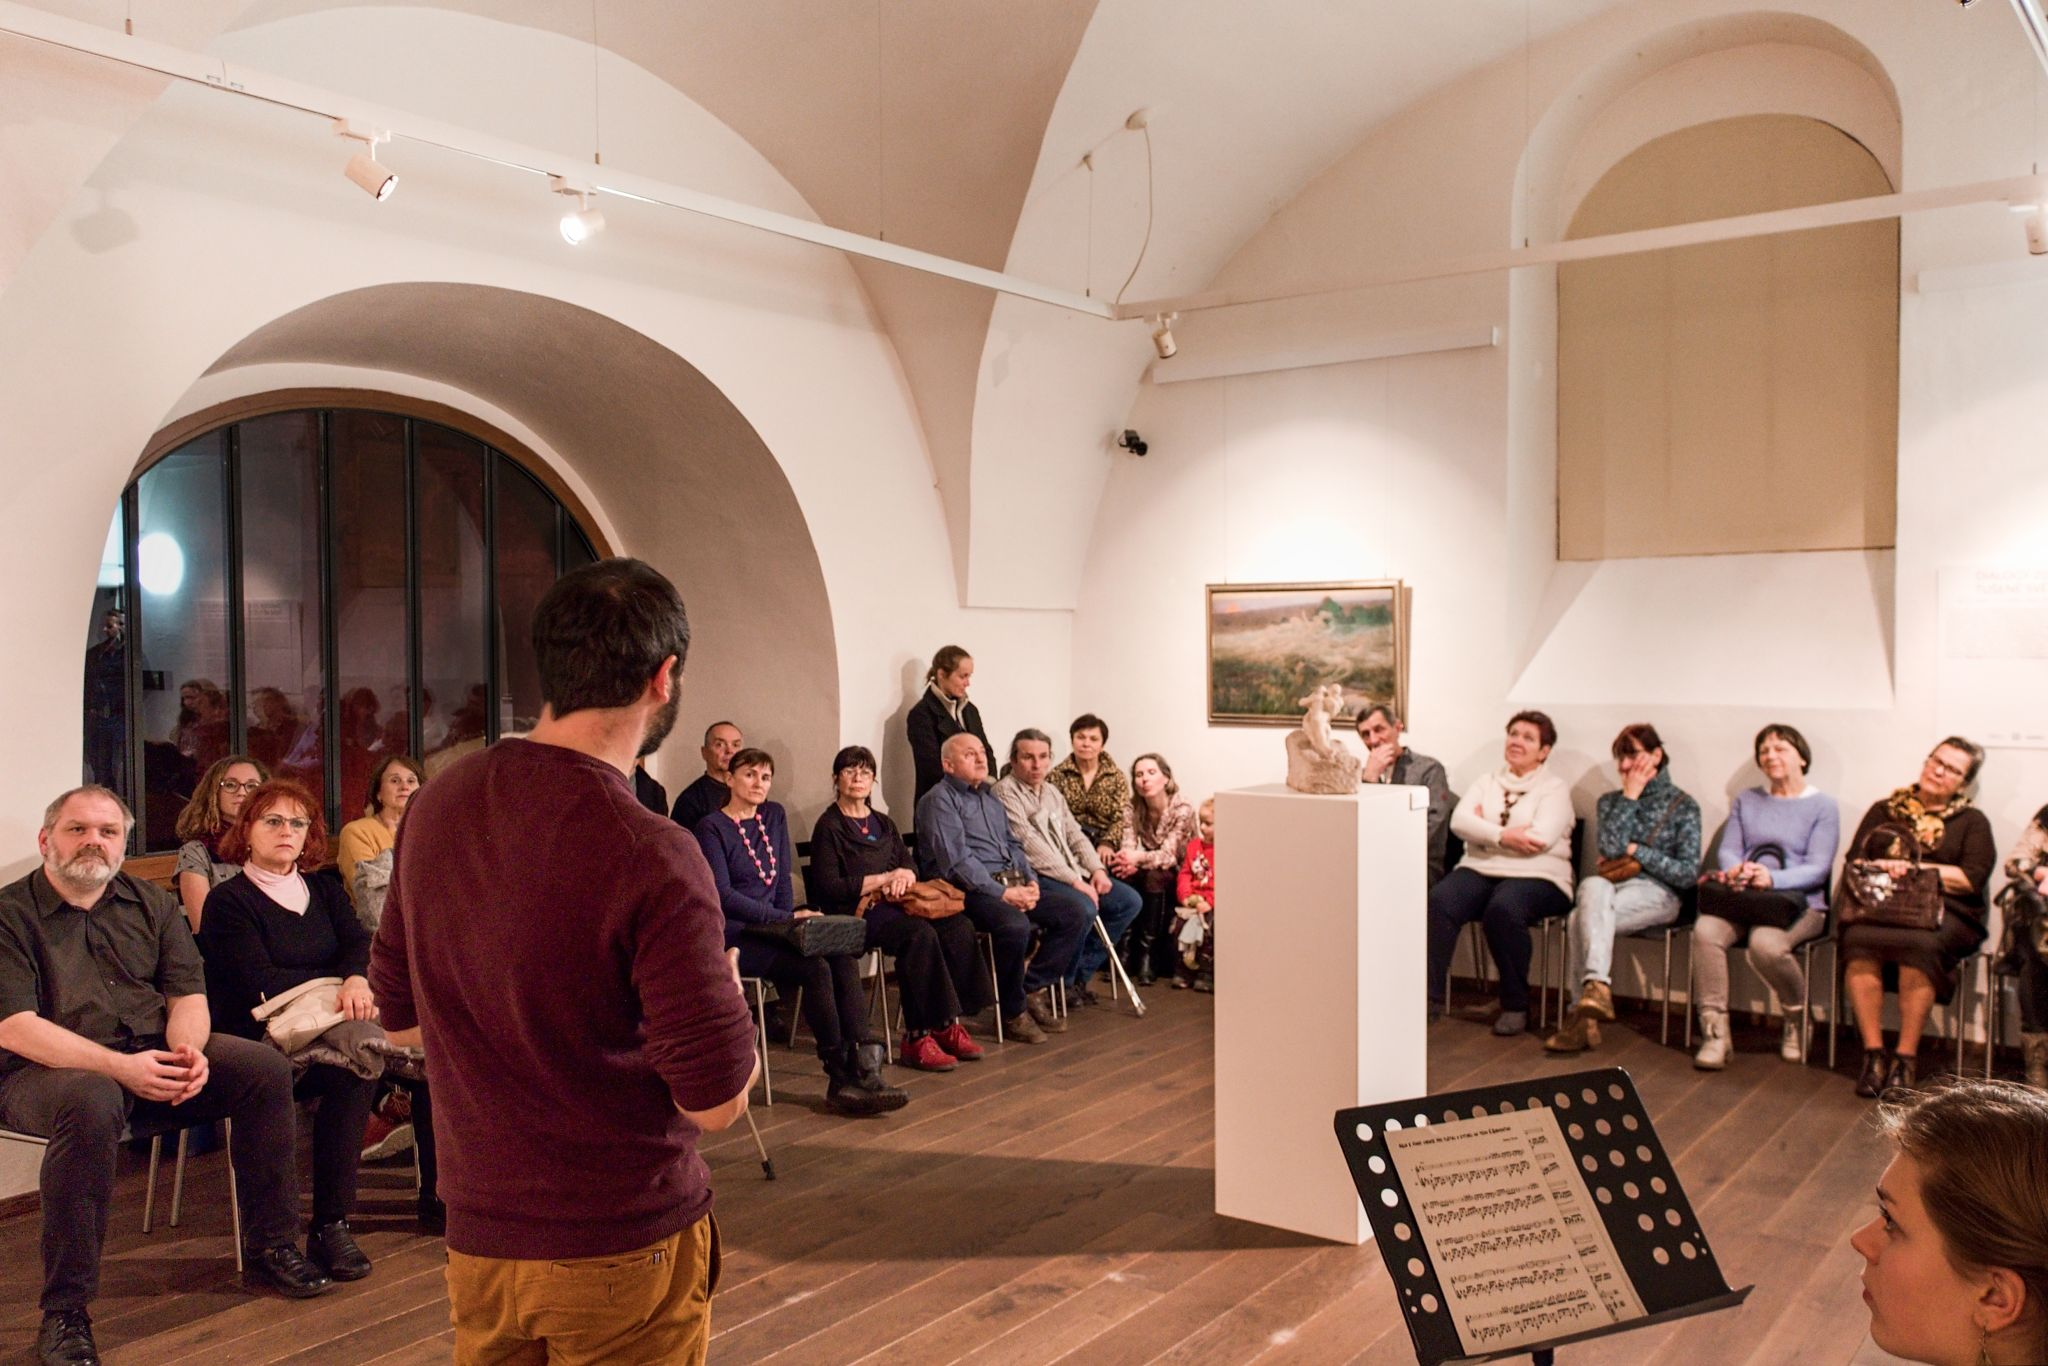 Komentovaná prohlídka výstavy TUŠENÉ SVĚTY s autorským koncertem / 12. 2. 2020 // Dům umění